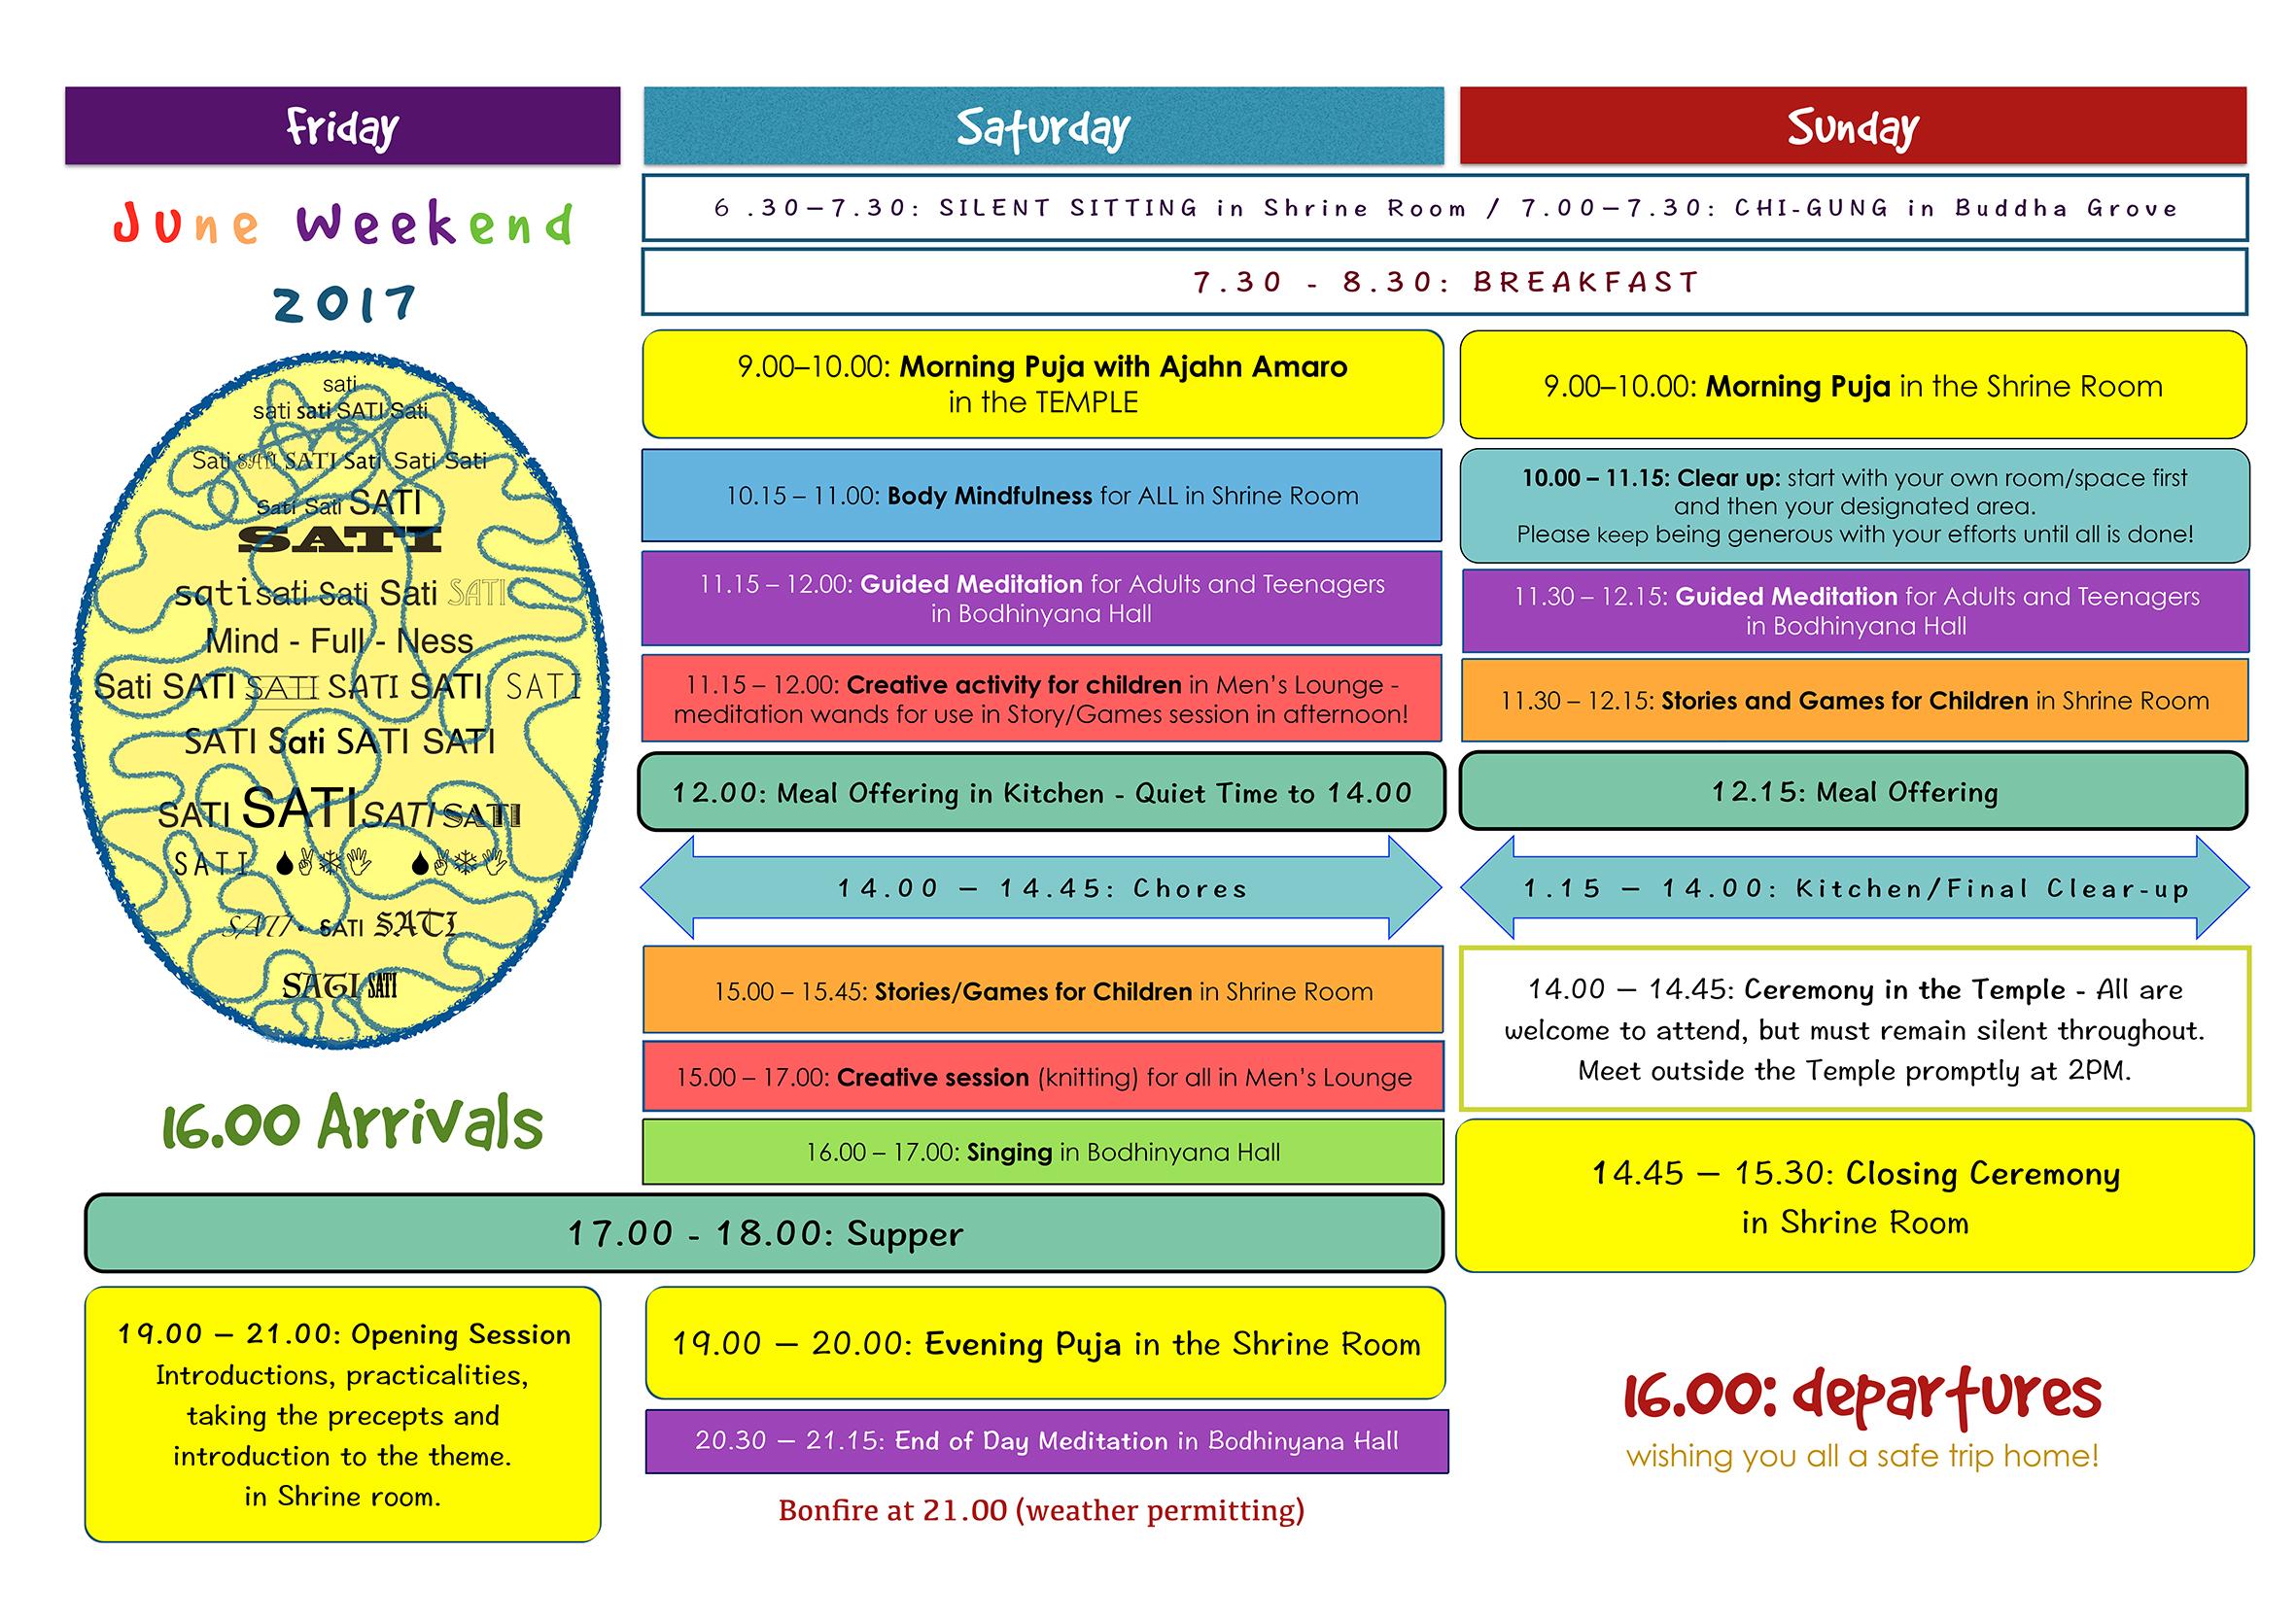 June Weekend 2017 Timetable